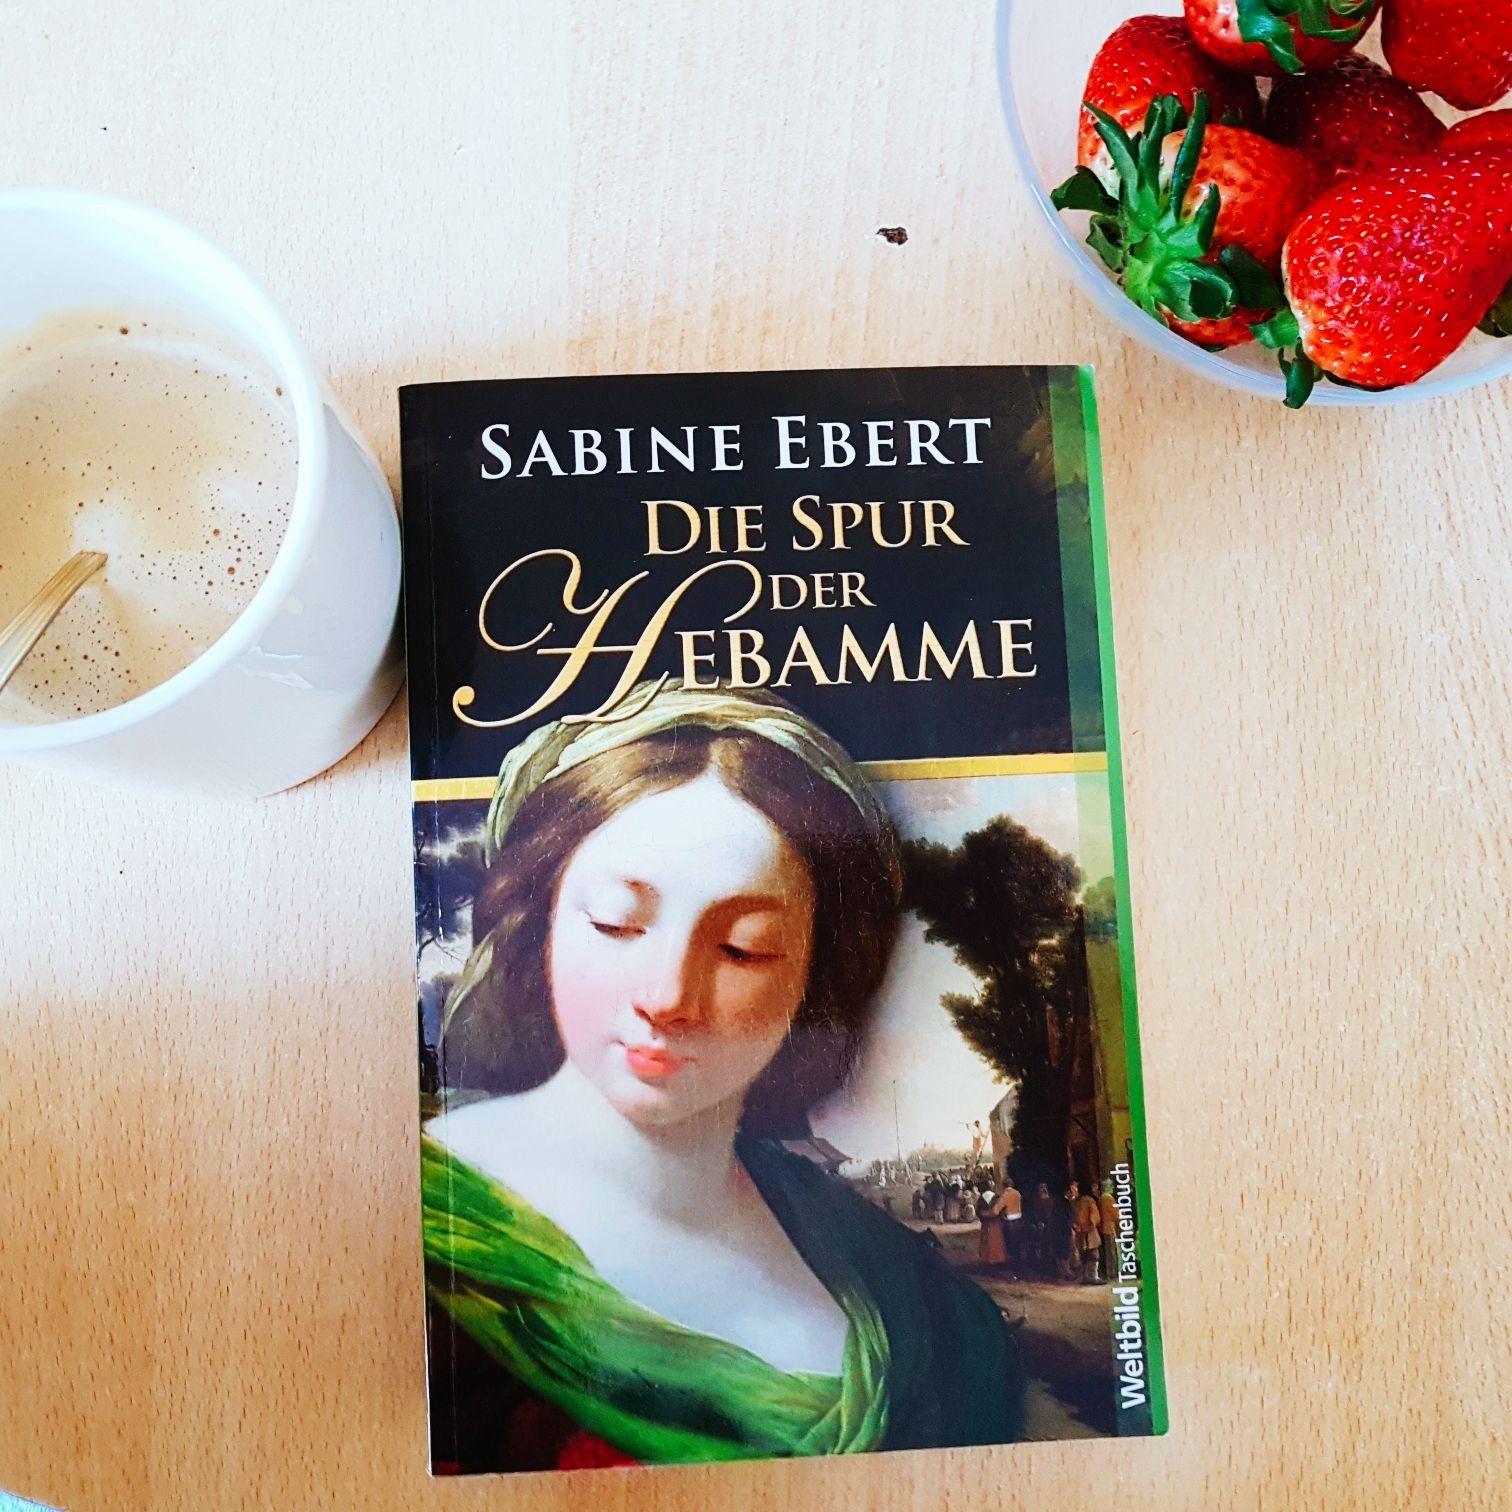 Die Spur der Hebamme von Sabine Ebert